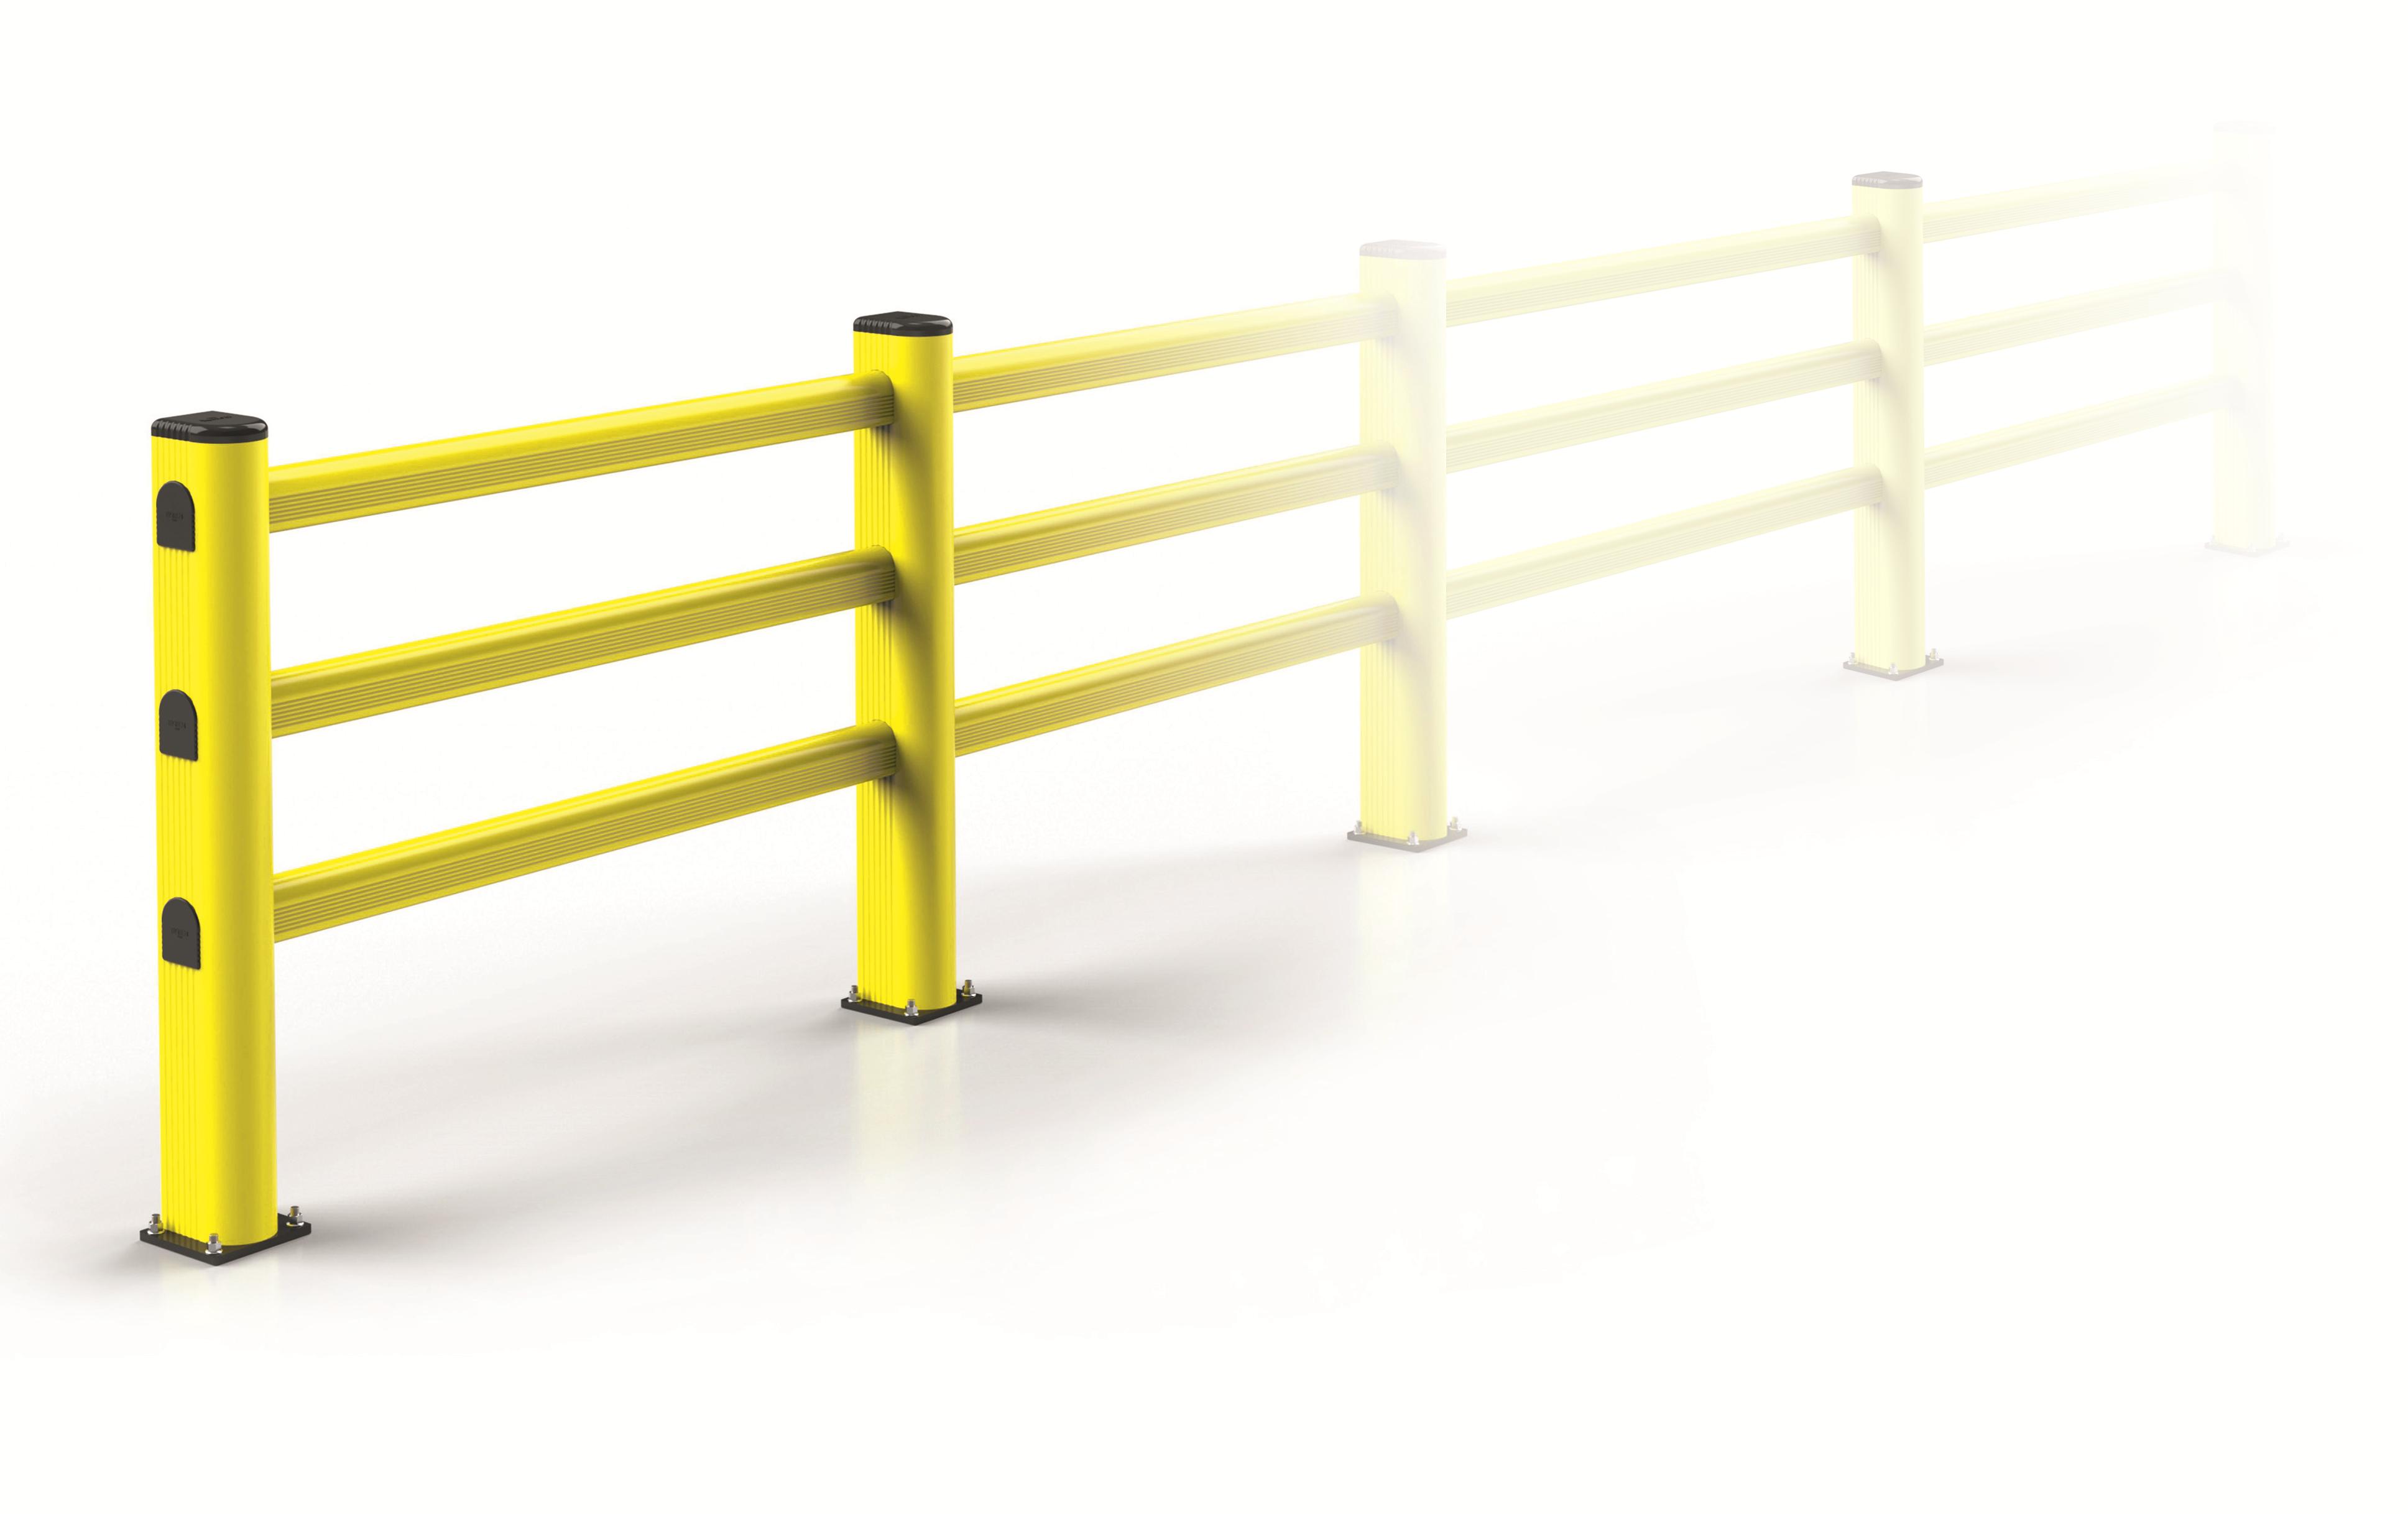 bariera elastyczna dla wózków widłowych